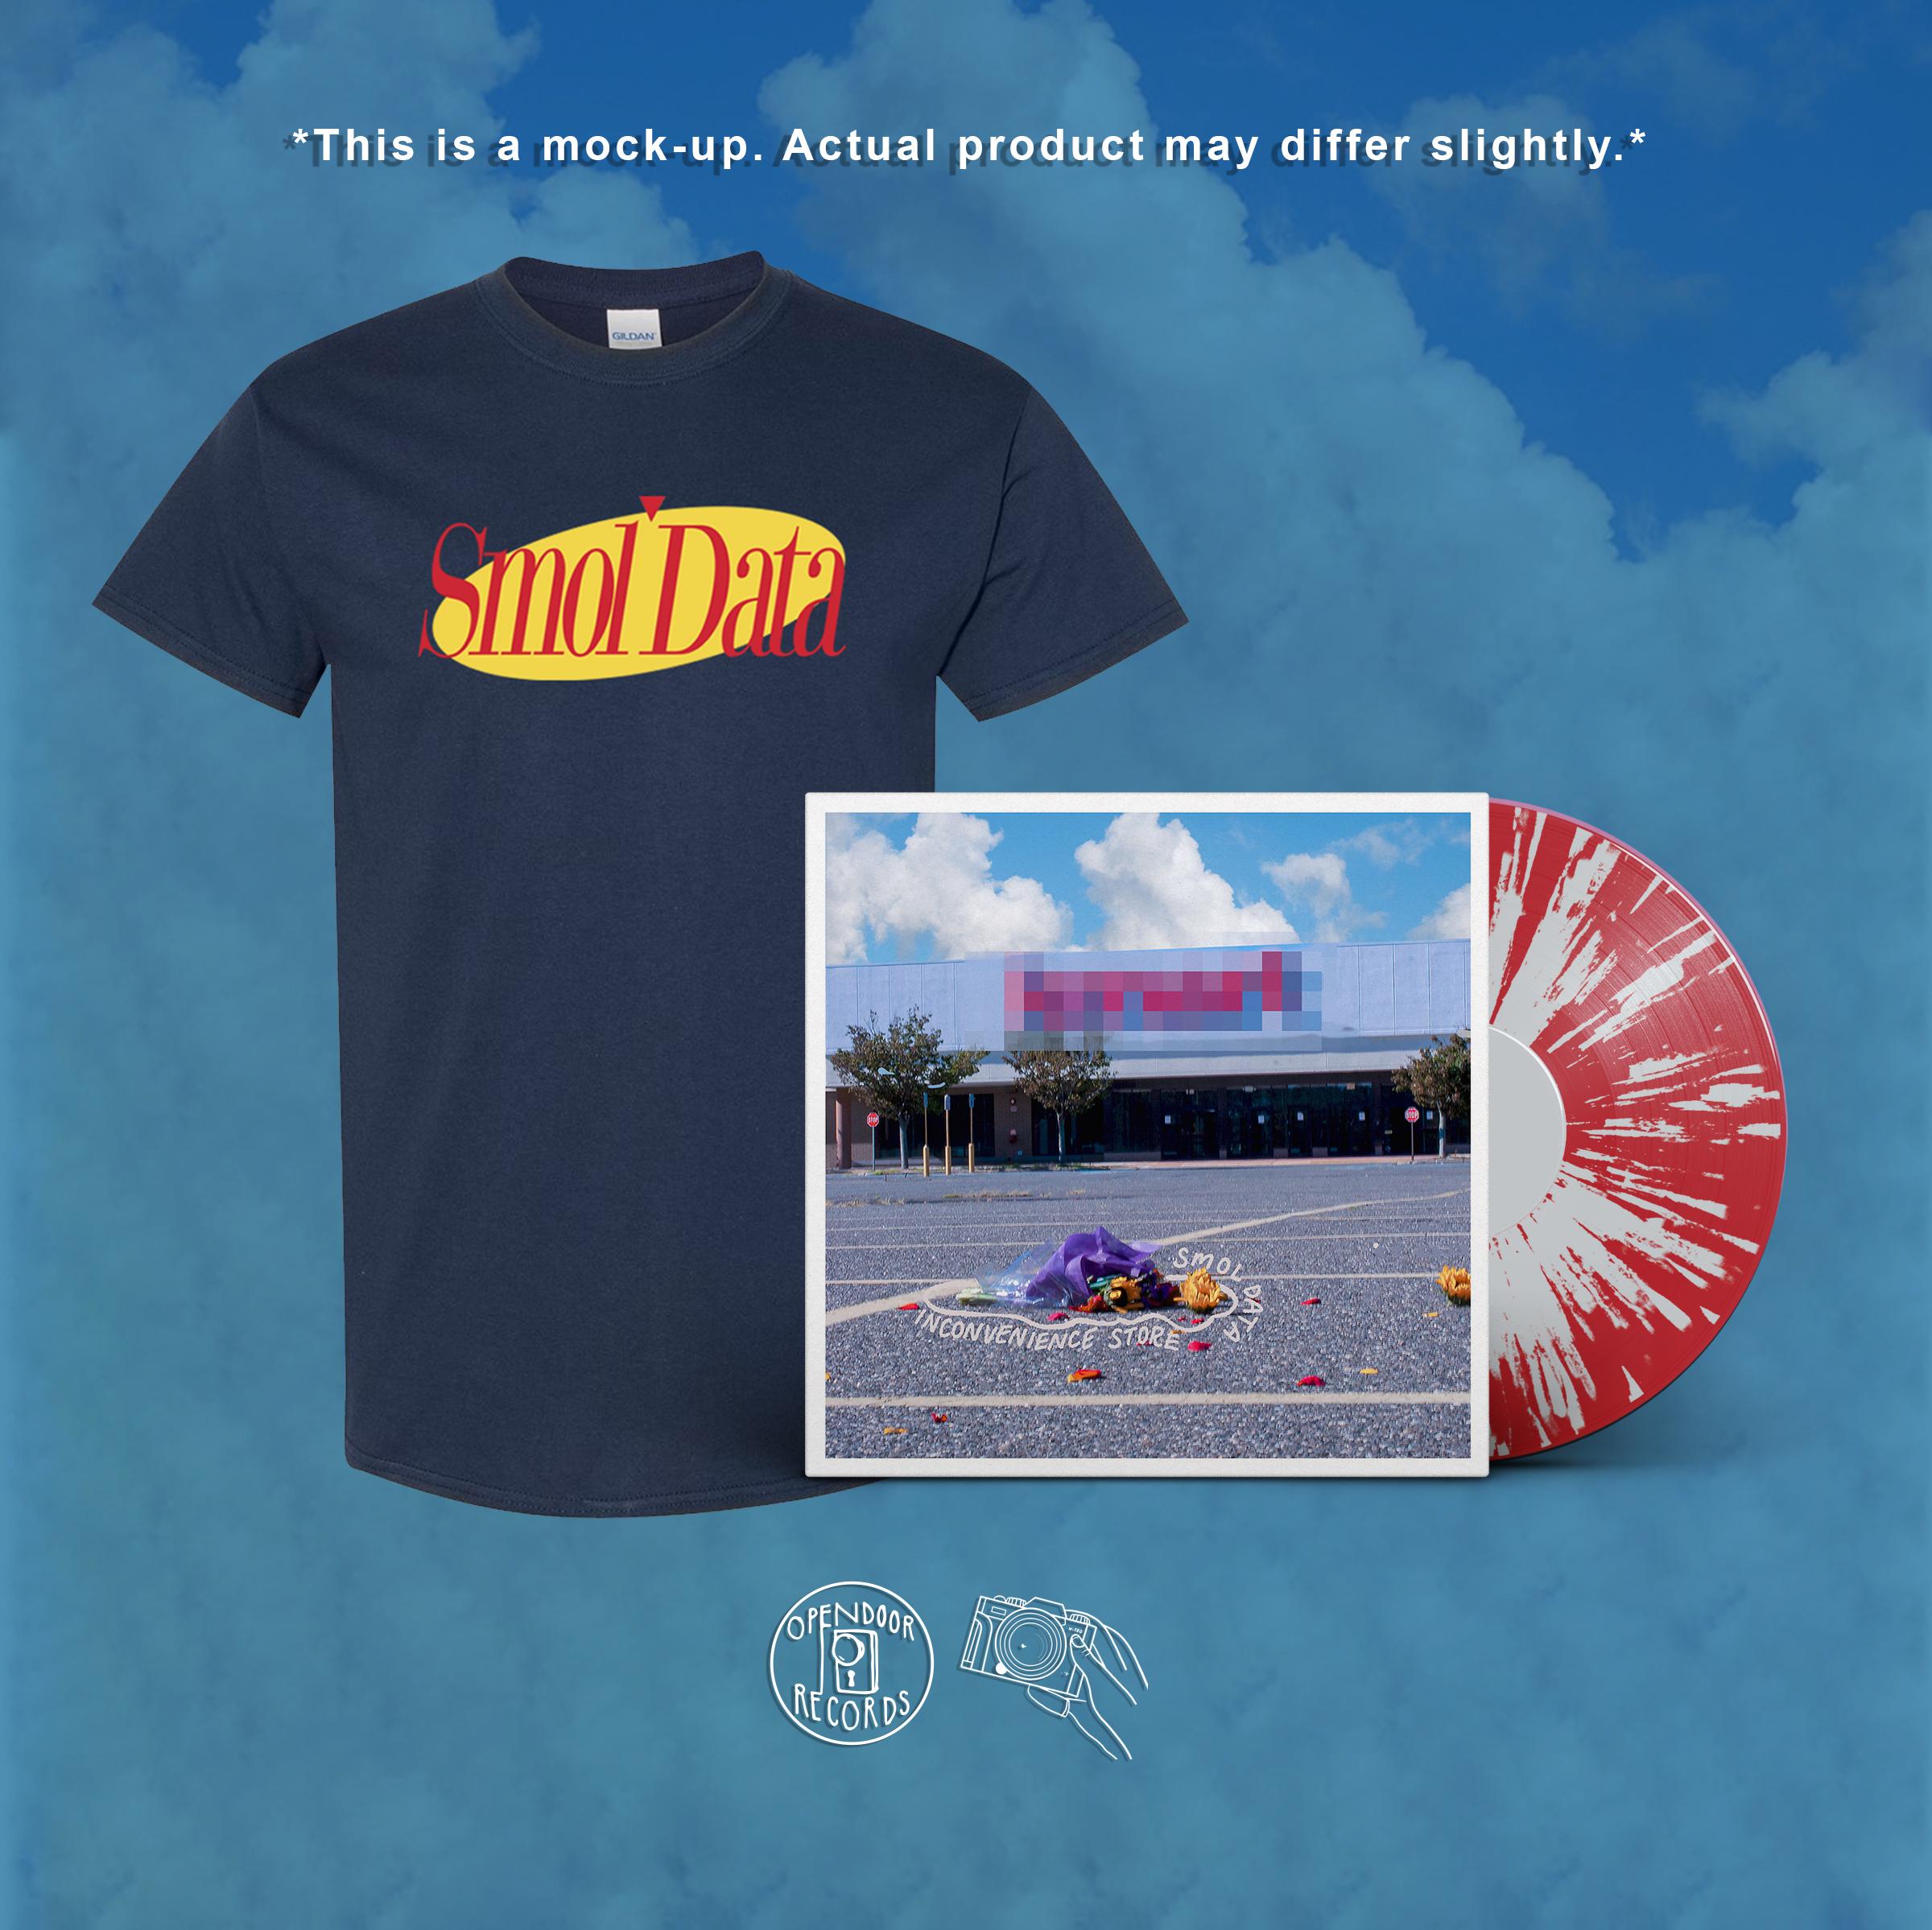 Smol Data- Inconvenience Store LP + shirt bundle